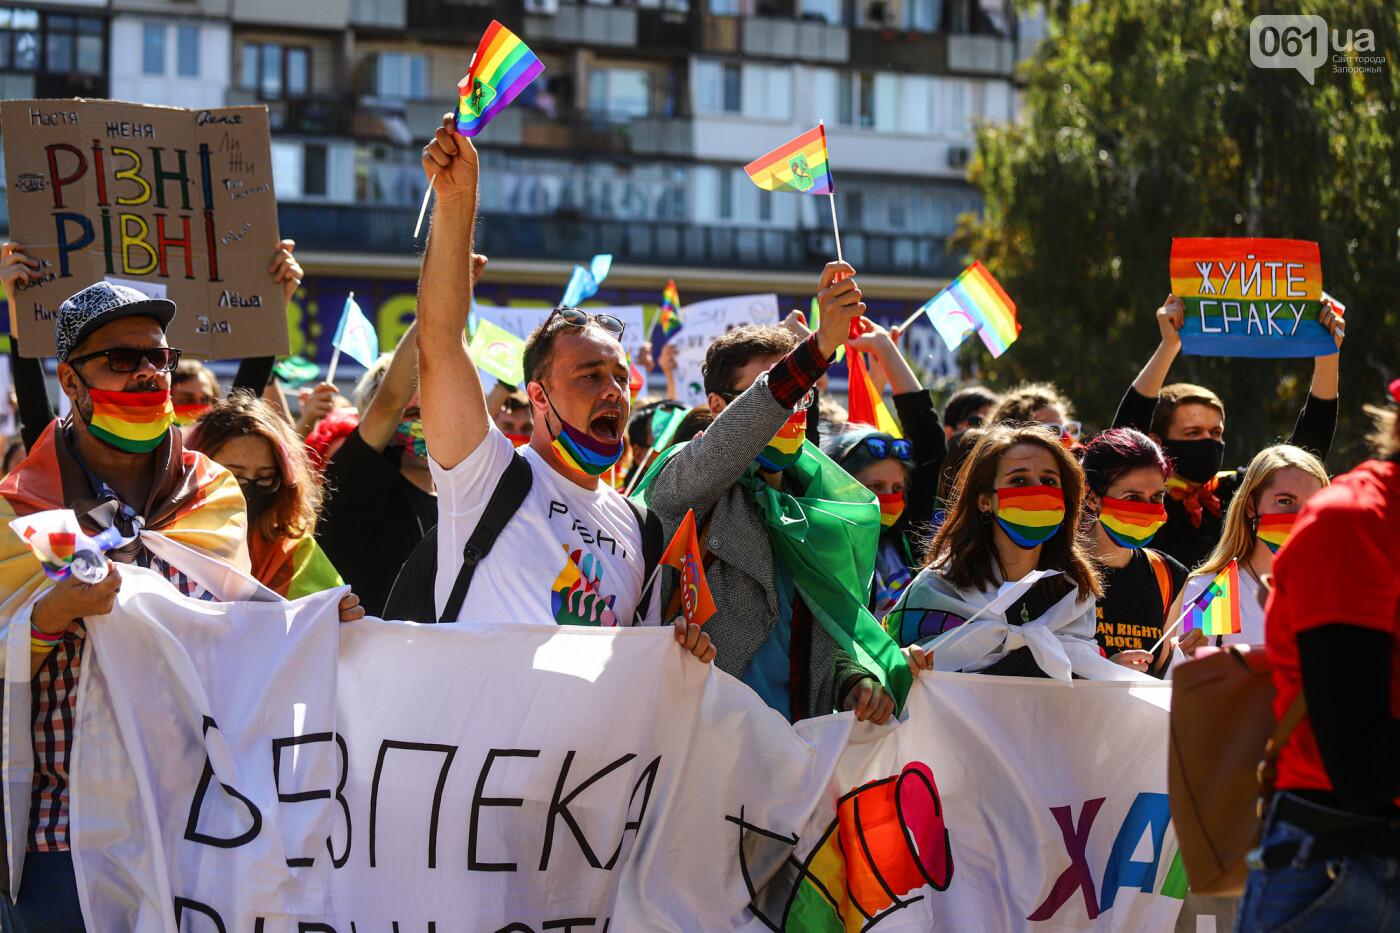 ЛГБТ-прайд, эко-митинг и восстановленные скульптуры в сквере Пионеров: сентябрь в фотографиях , фото-108